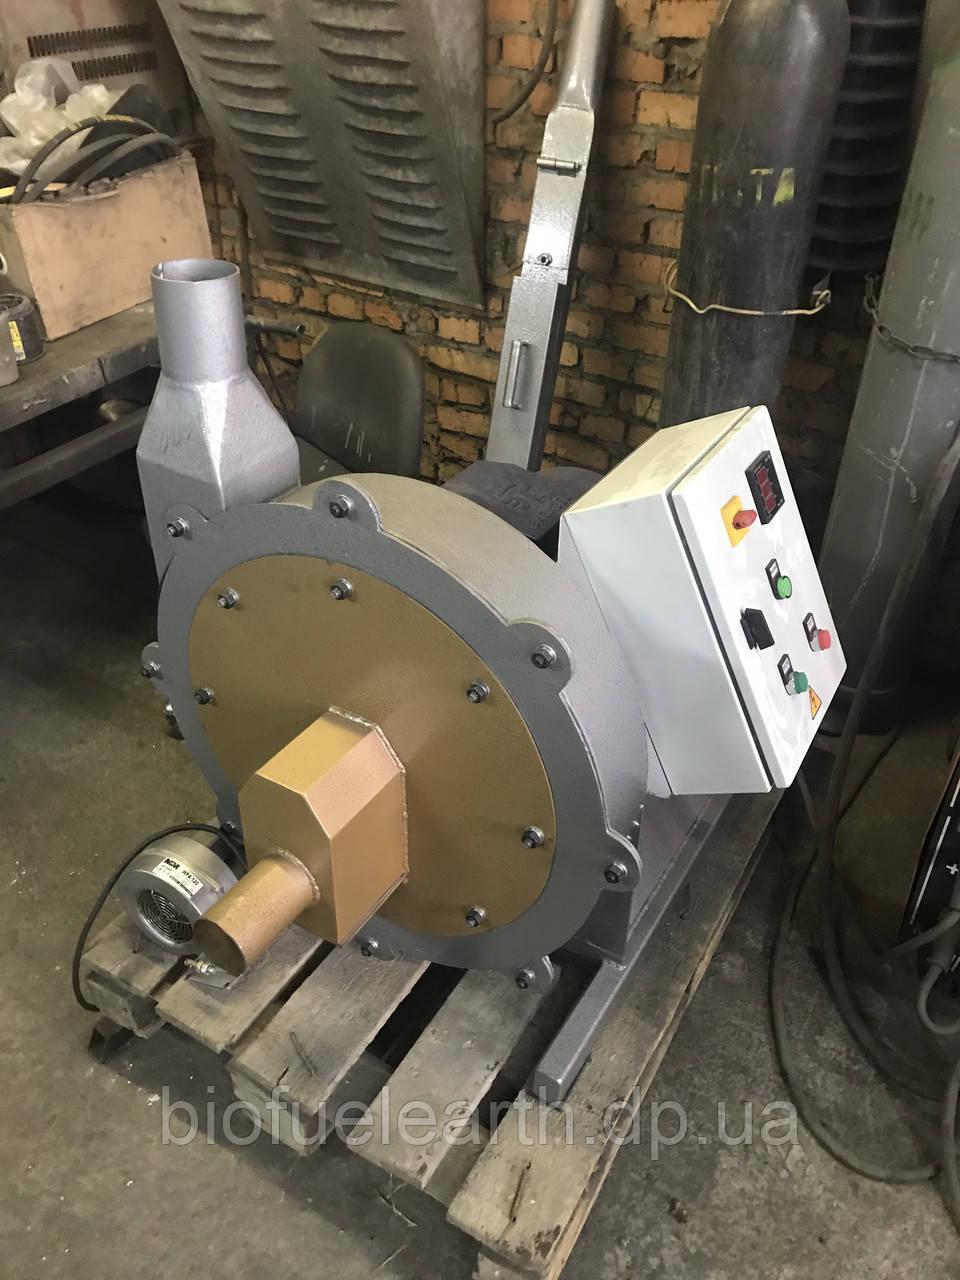 Ремонт дробилок, измельчителей. Производим, реставрируем и обслуживаем дробилки и измельчители разных типов